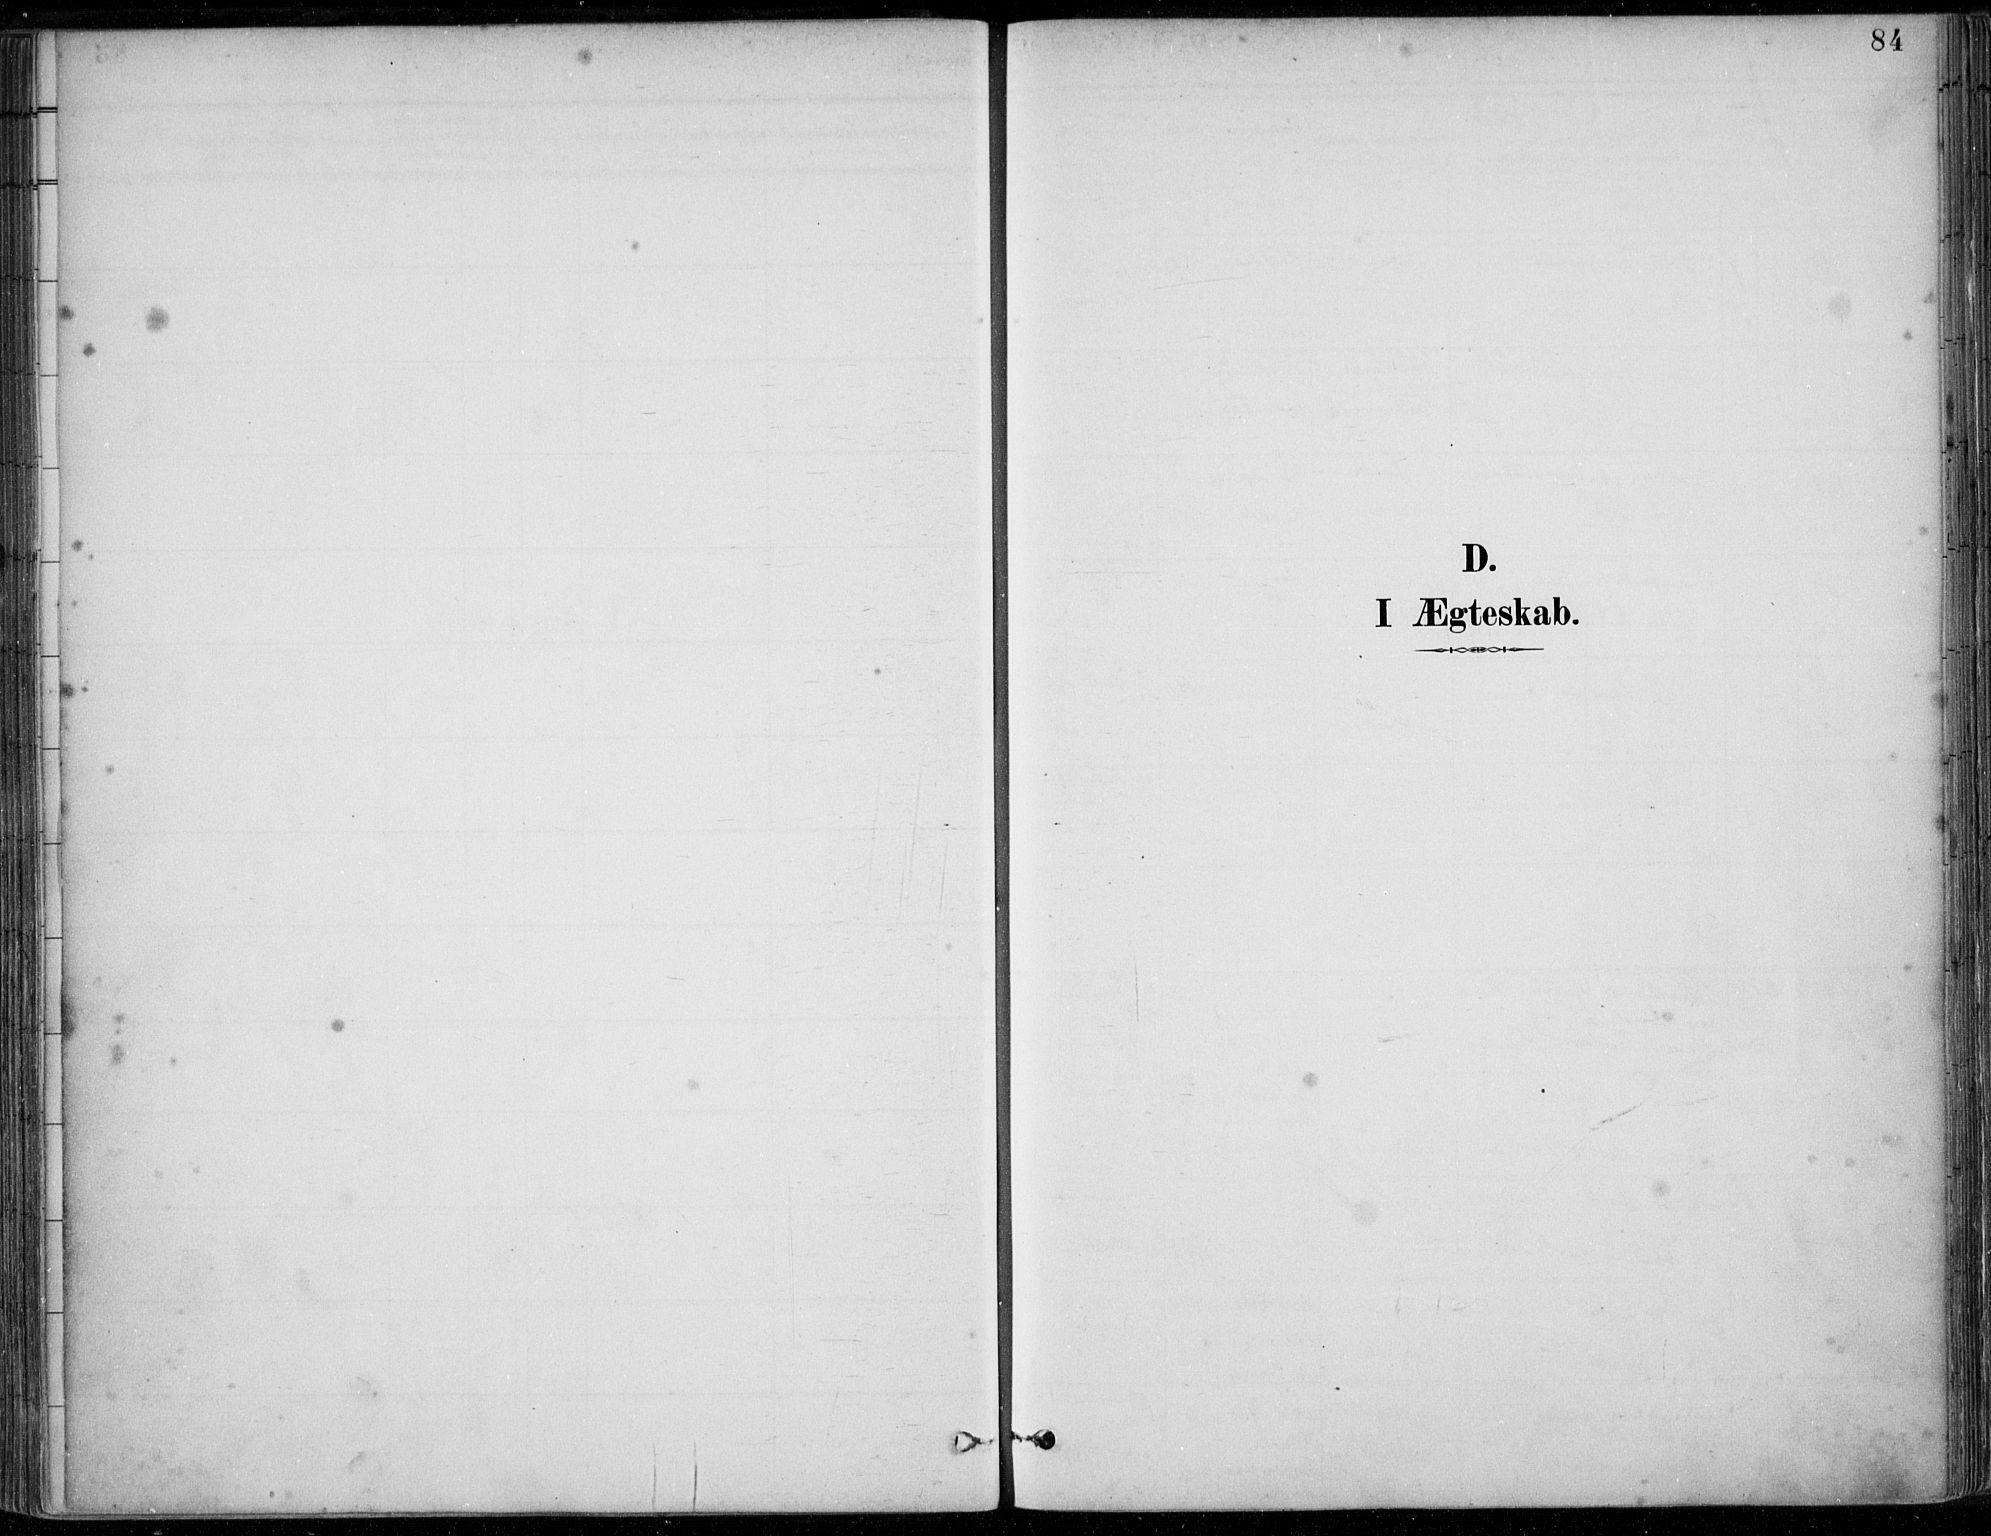 SAB, Årstad Sokneprestembete, H/Haa/L0006: Ministerialbok nr. B 1, 1886-1901, s. 84